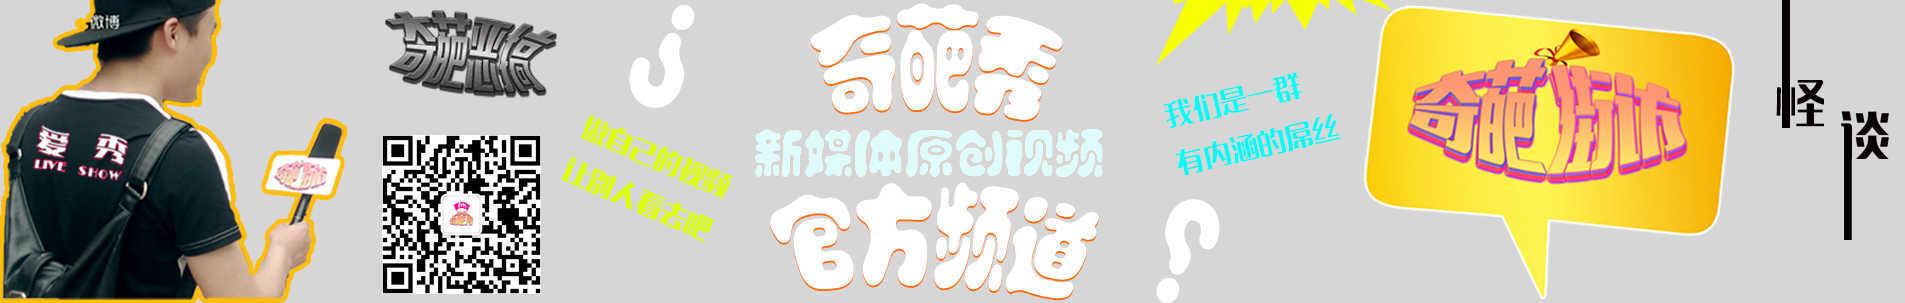 用户_064731 banner